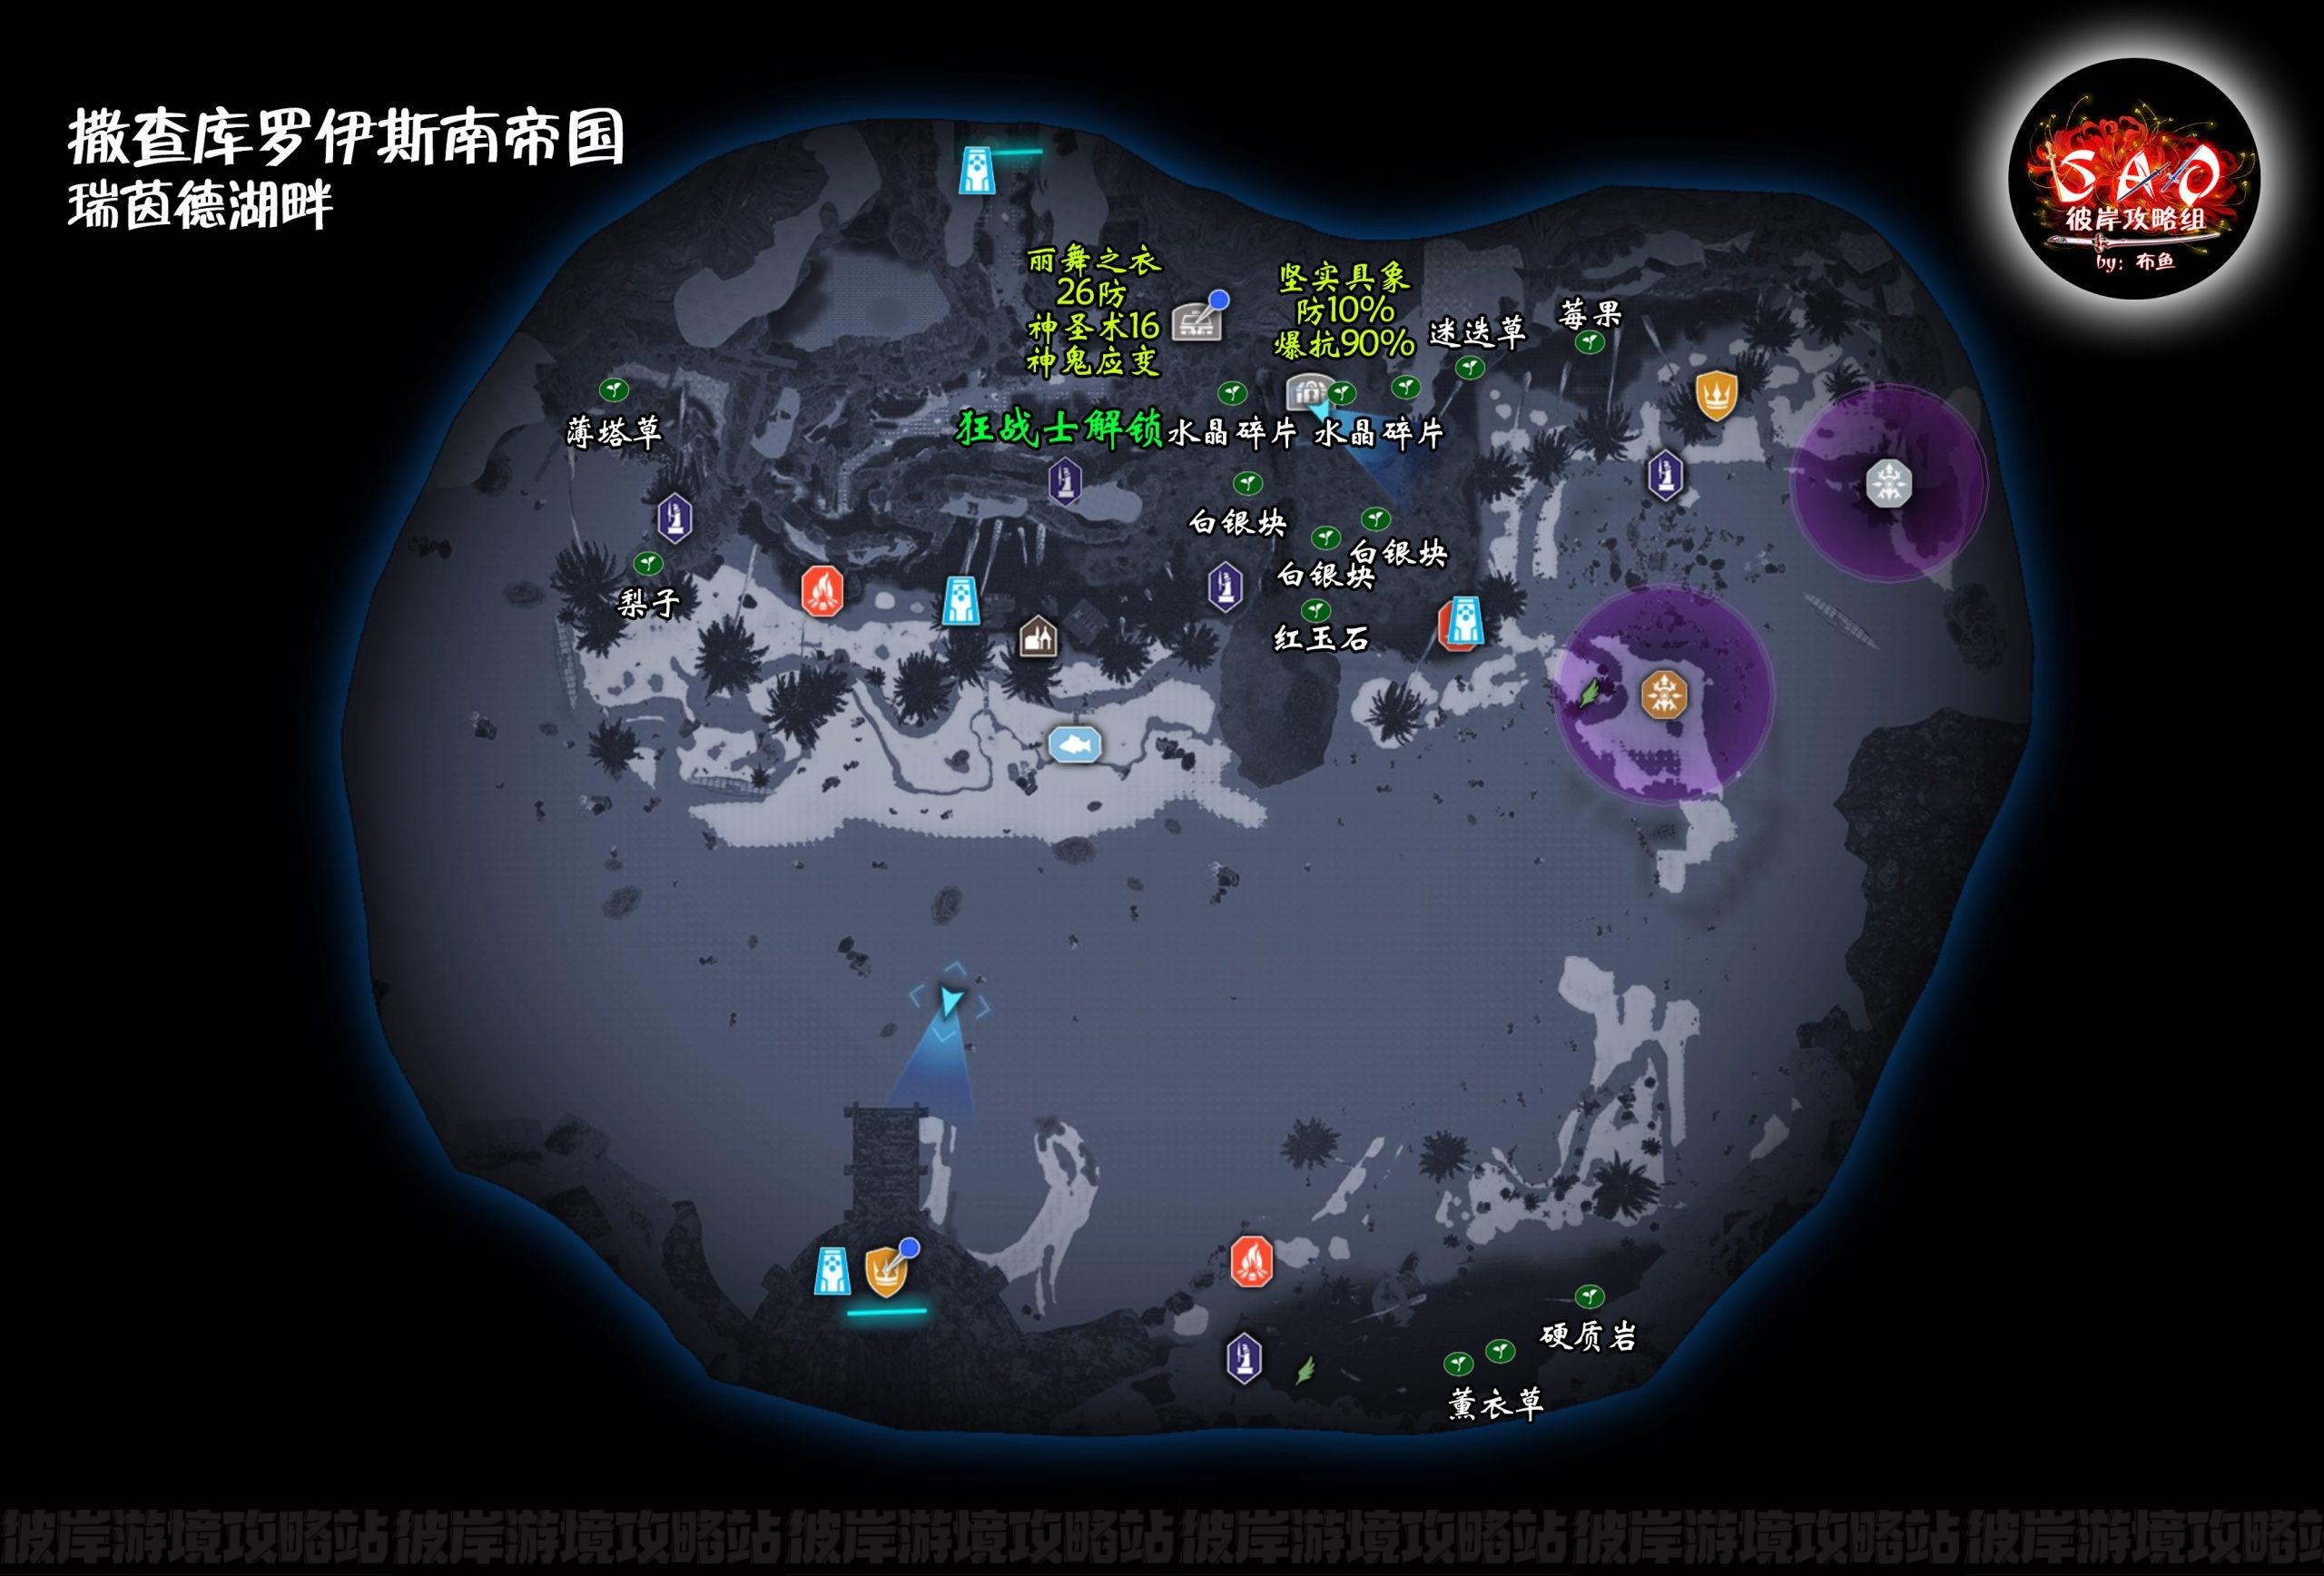 【SAOAL攻略组】超完全流程地图攻略及新手指引-瑞茵德湖畔篇-刀剑神域彼岸游境攻略站